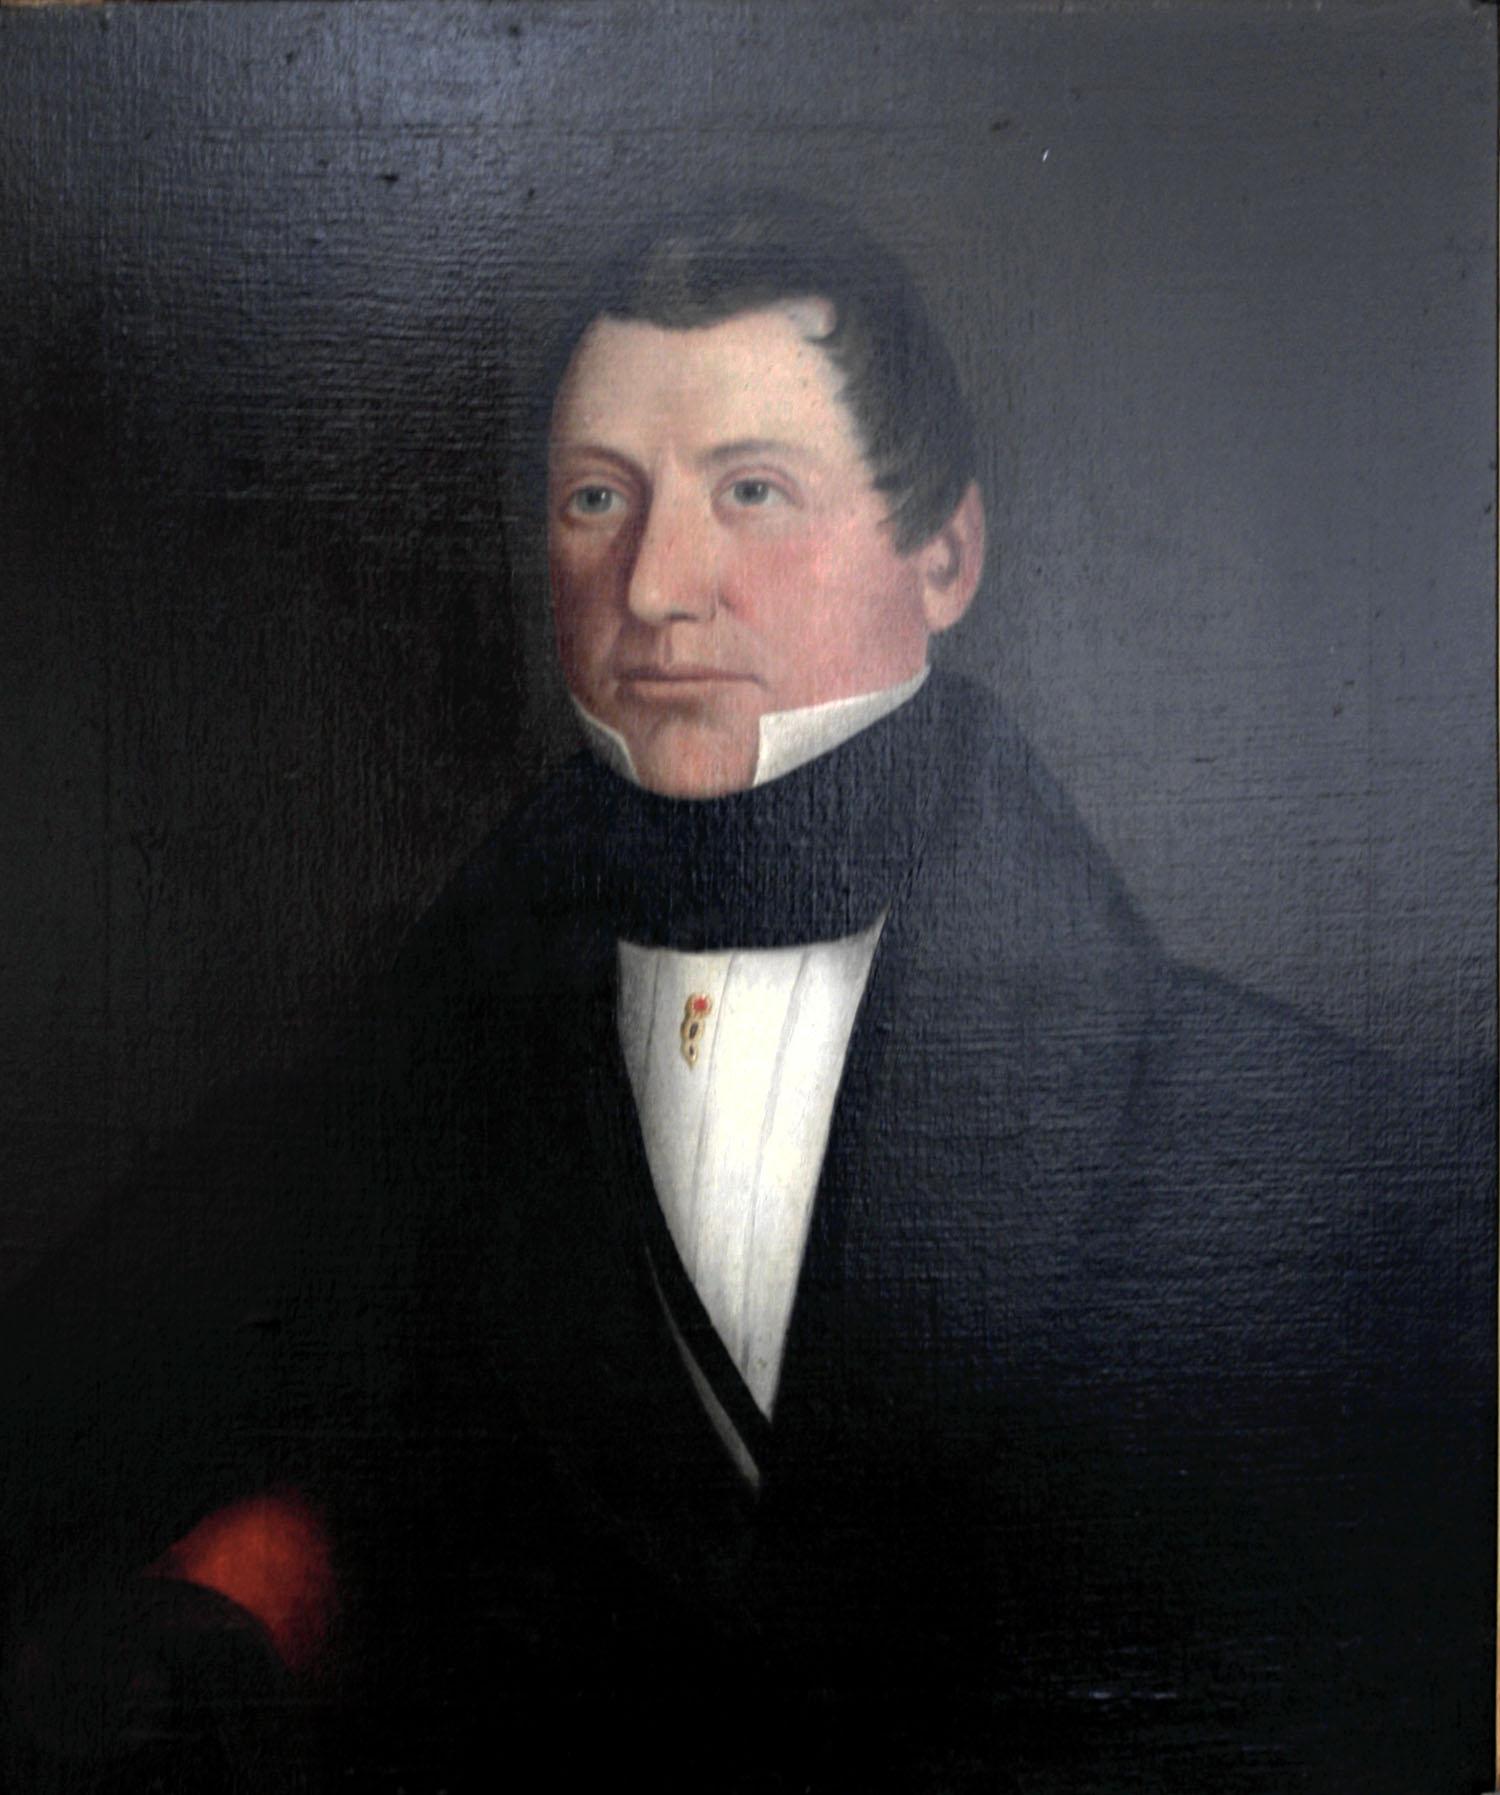 Peinture représentant un homme d'âge mûr en costume du début du XIXe siècle.